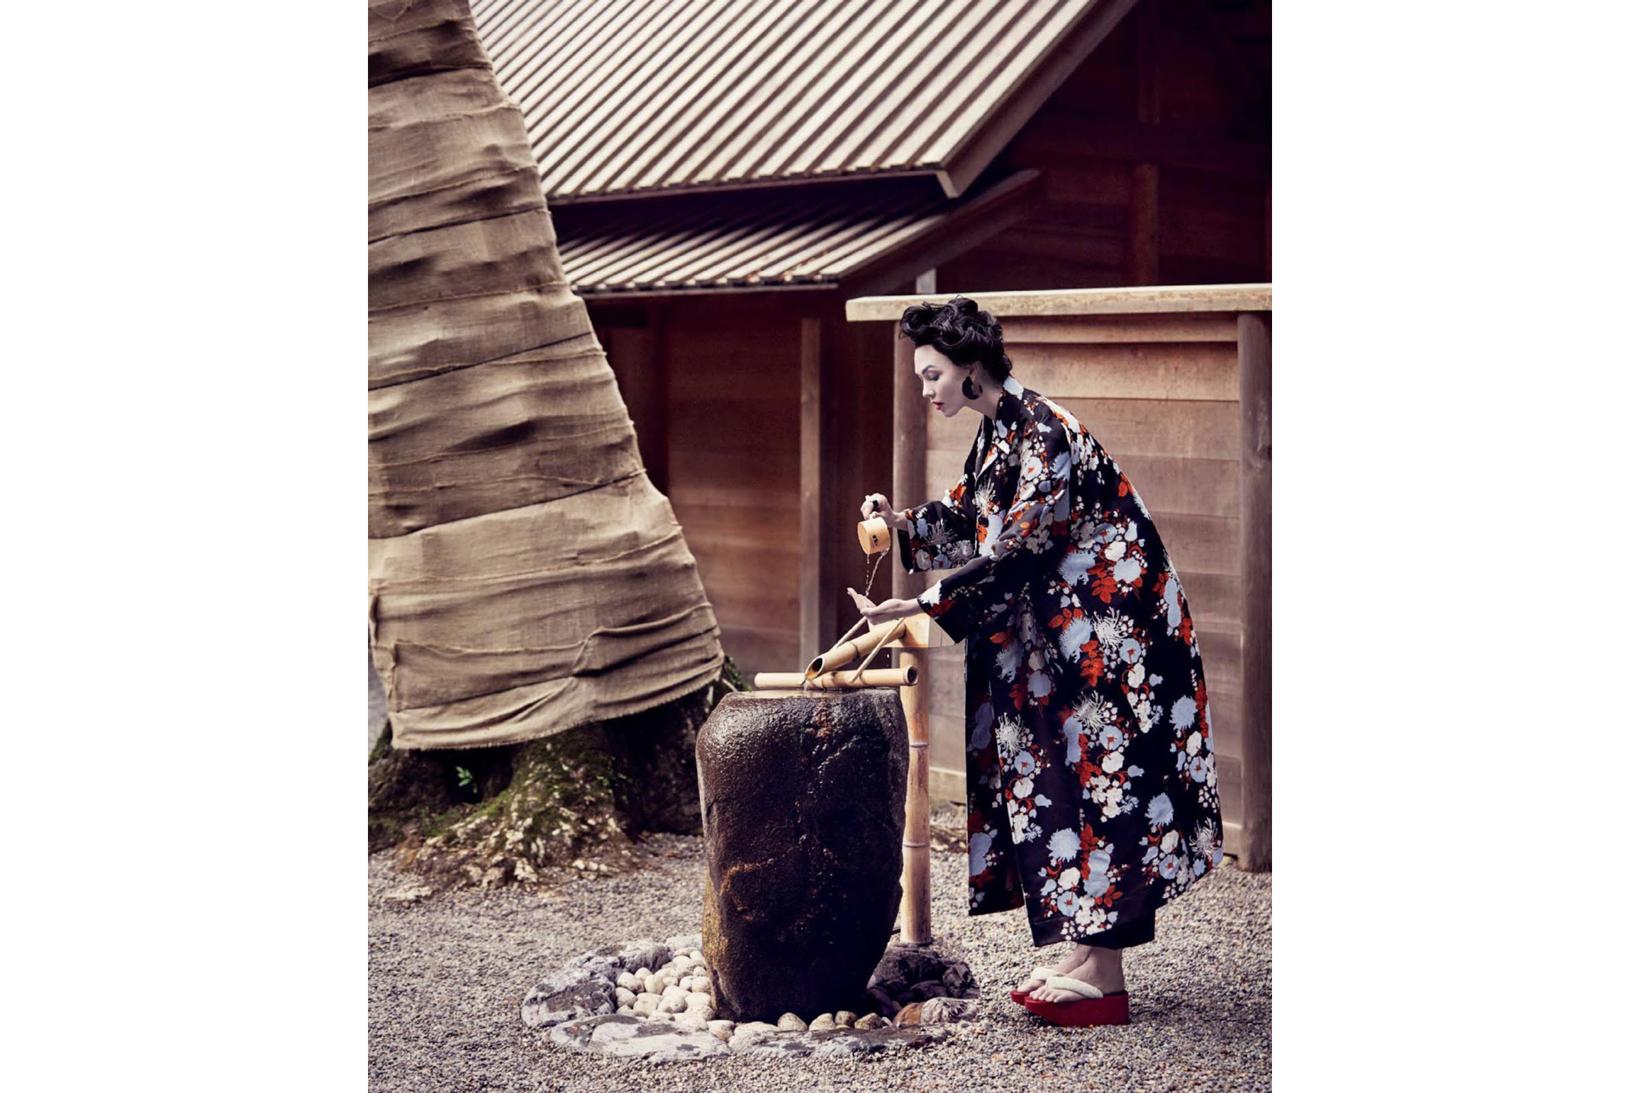 Vogue Karlie Kloss Geisha 2017 March Issue